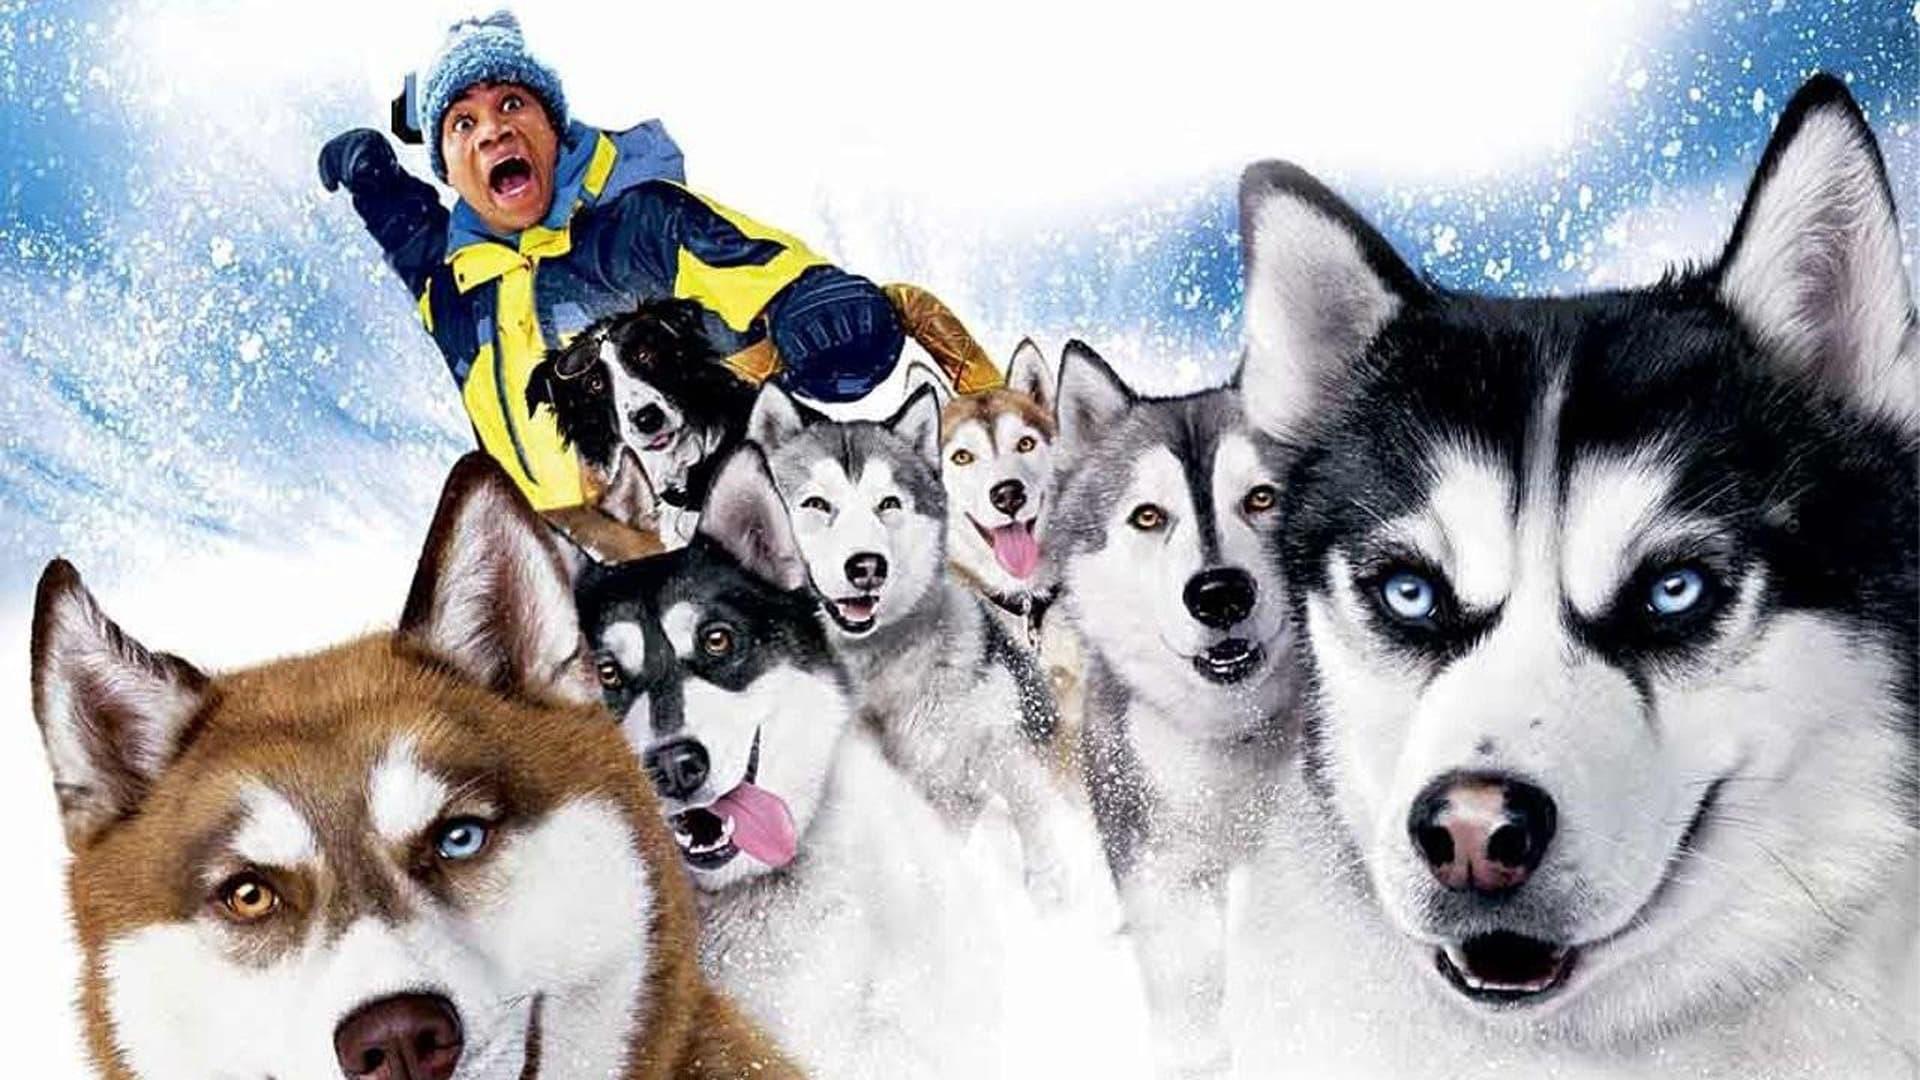 ზამთრის ძაღლები Snow Dogs